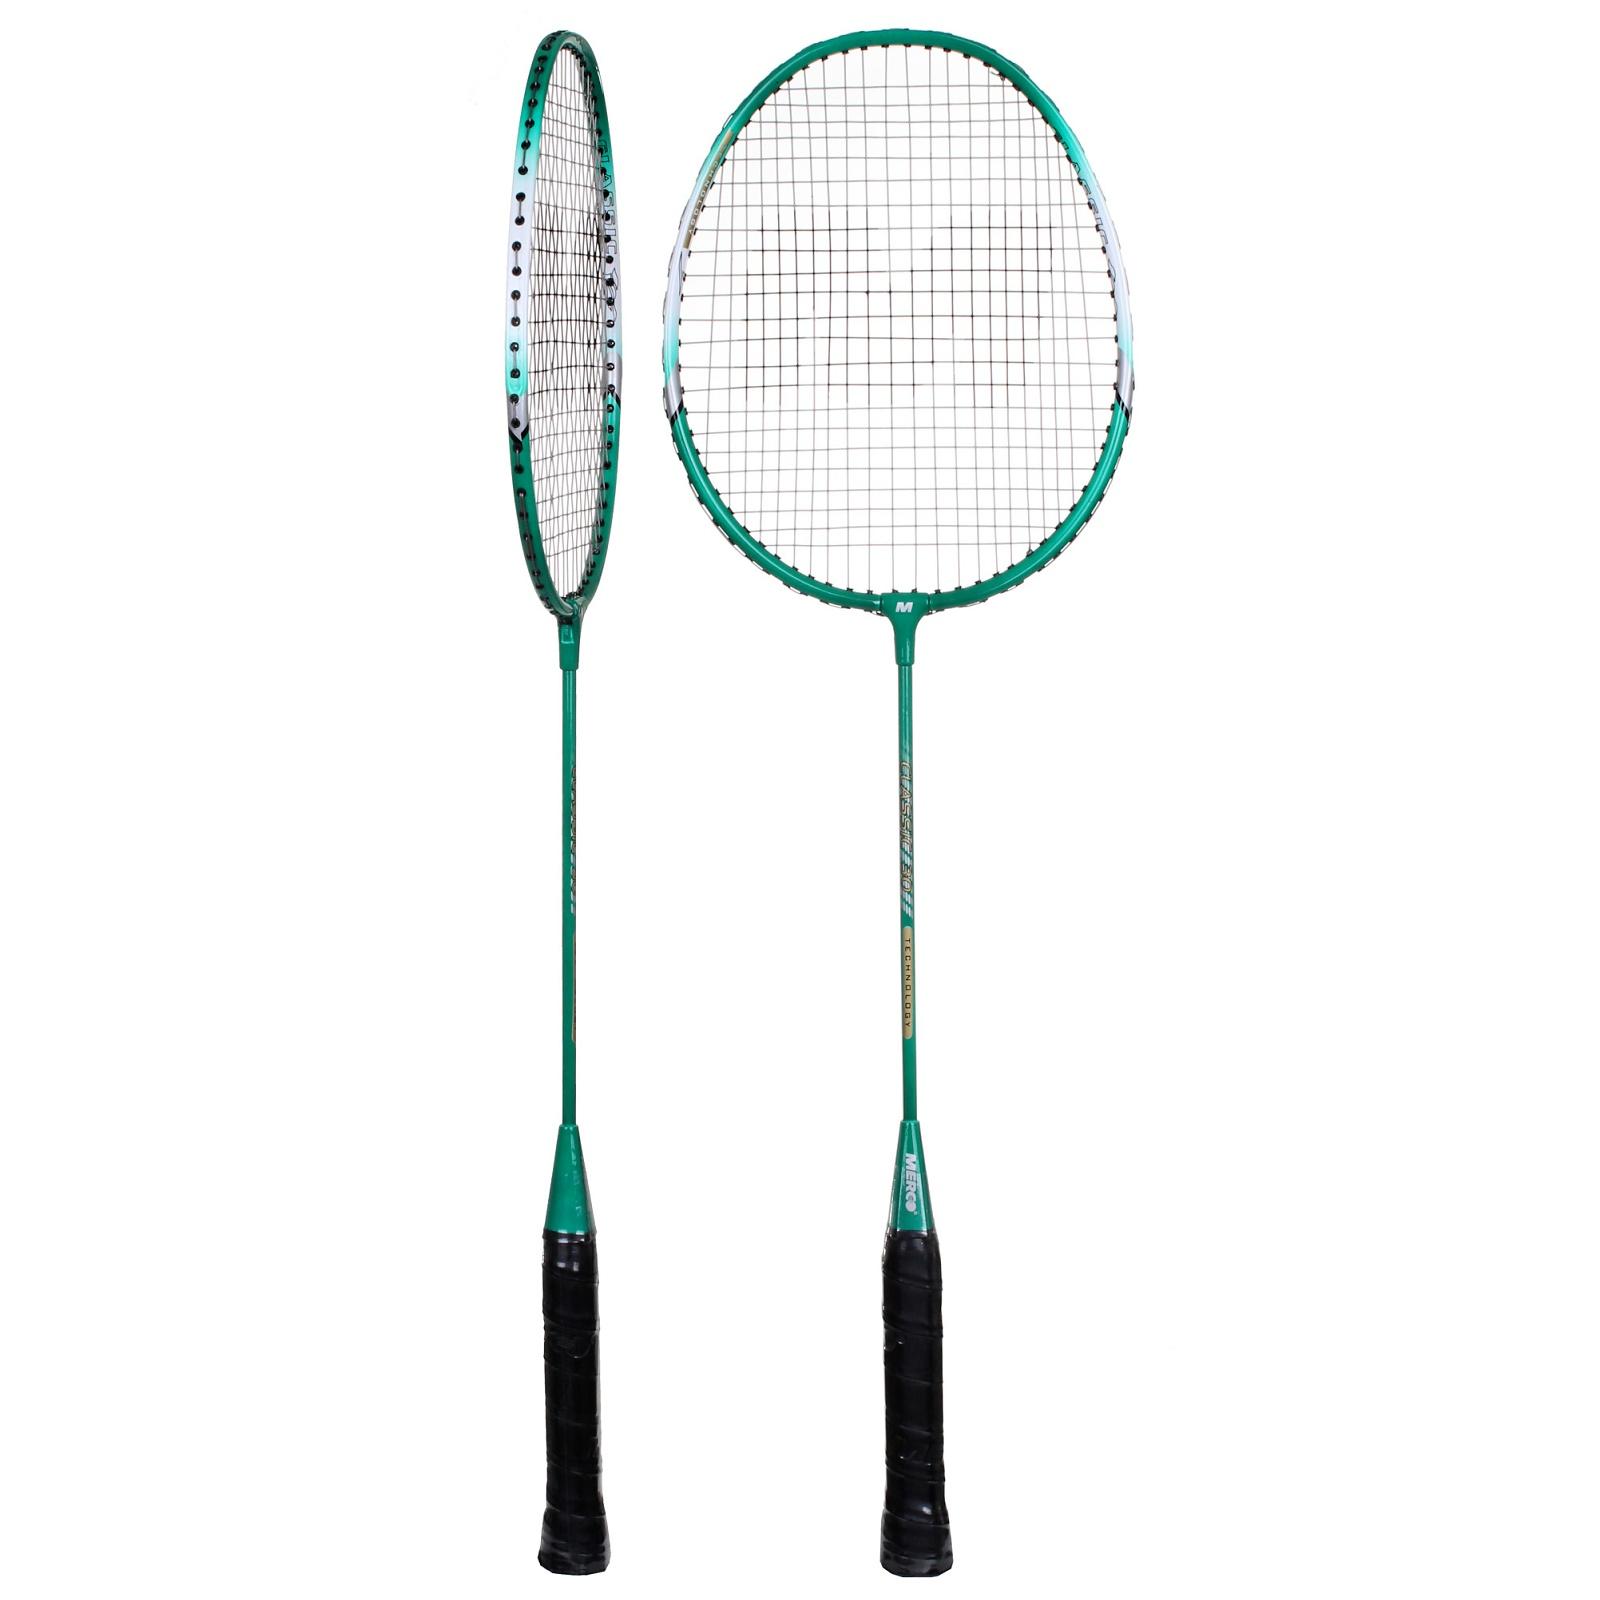 Badmintonový set MERCO Classic zelený